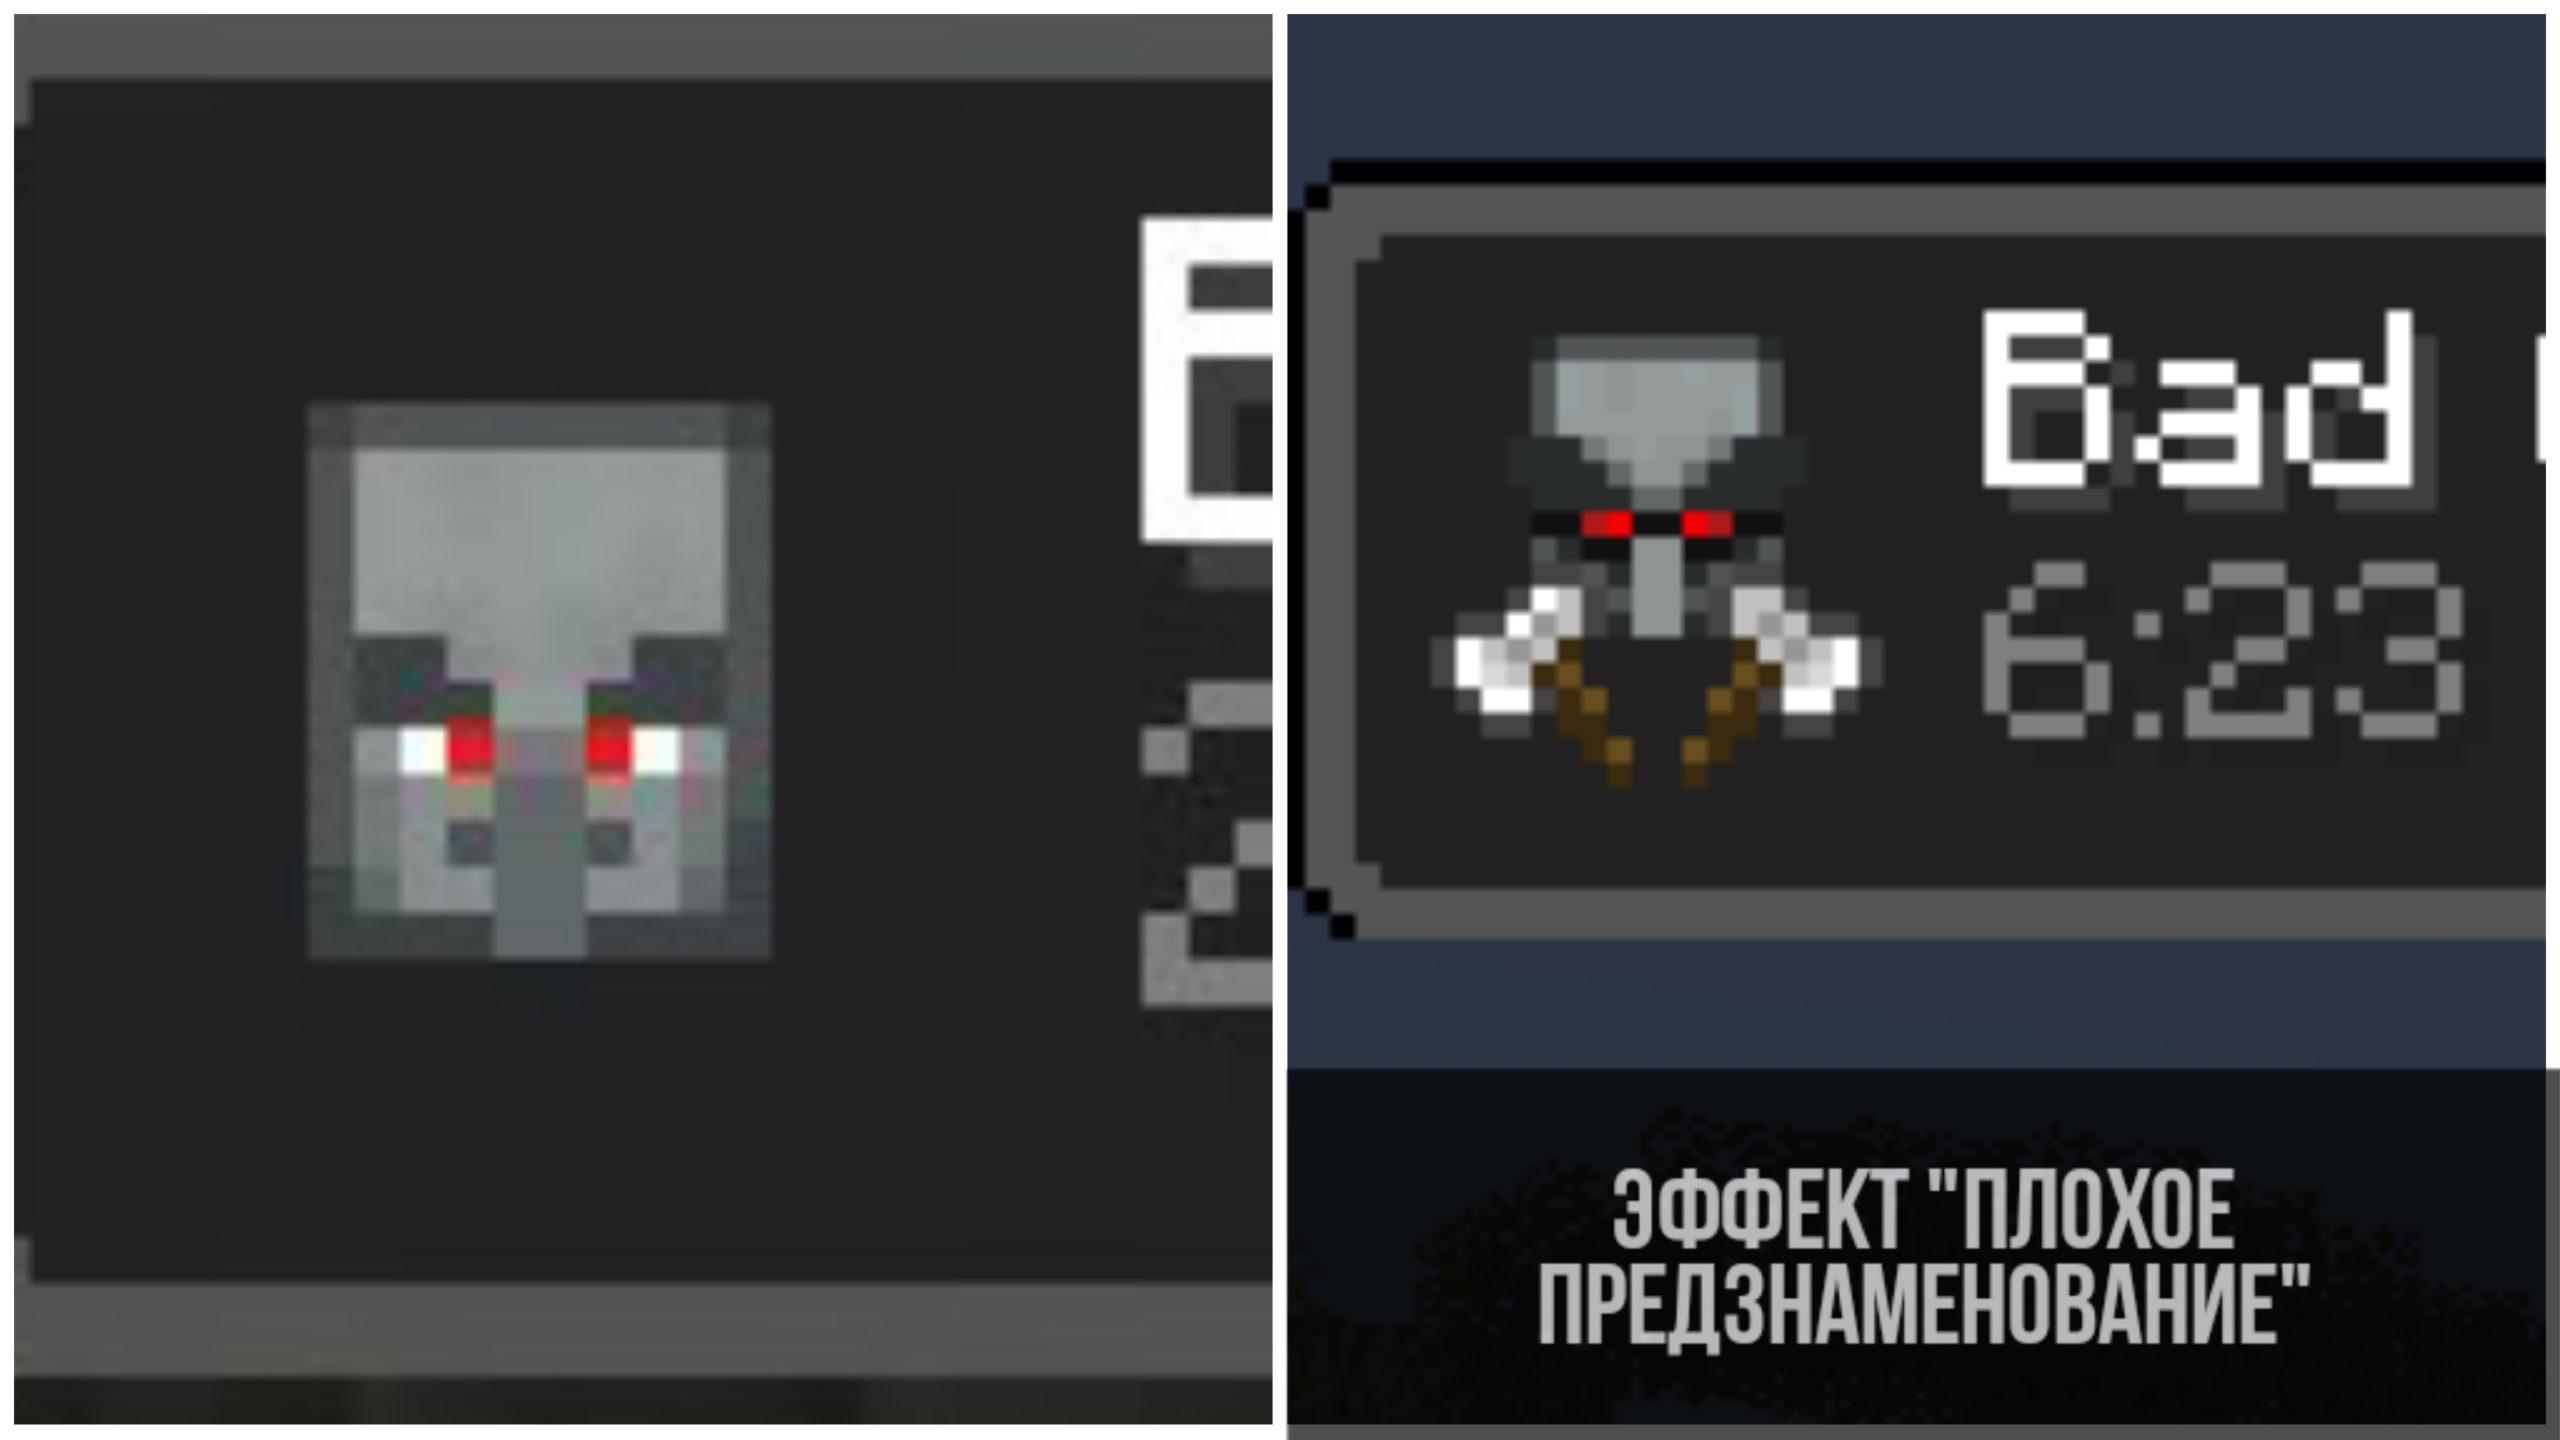 Эффект плохое предзнаменование в Minecraft PE 1.11.0.4